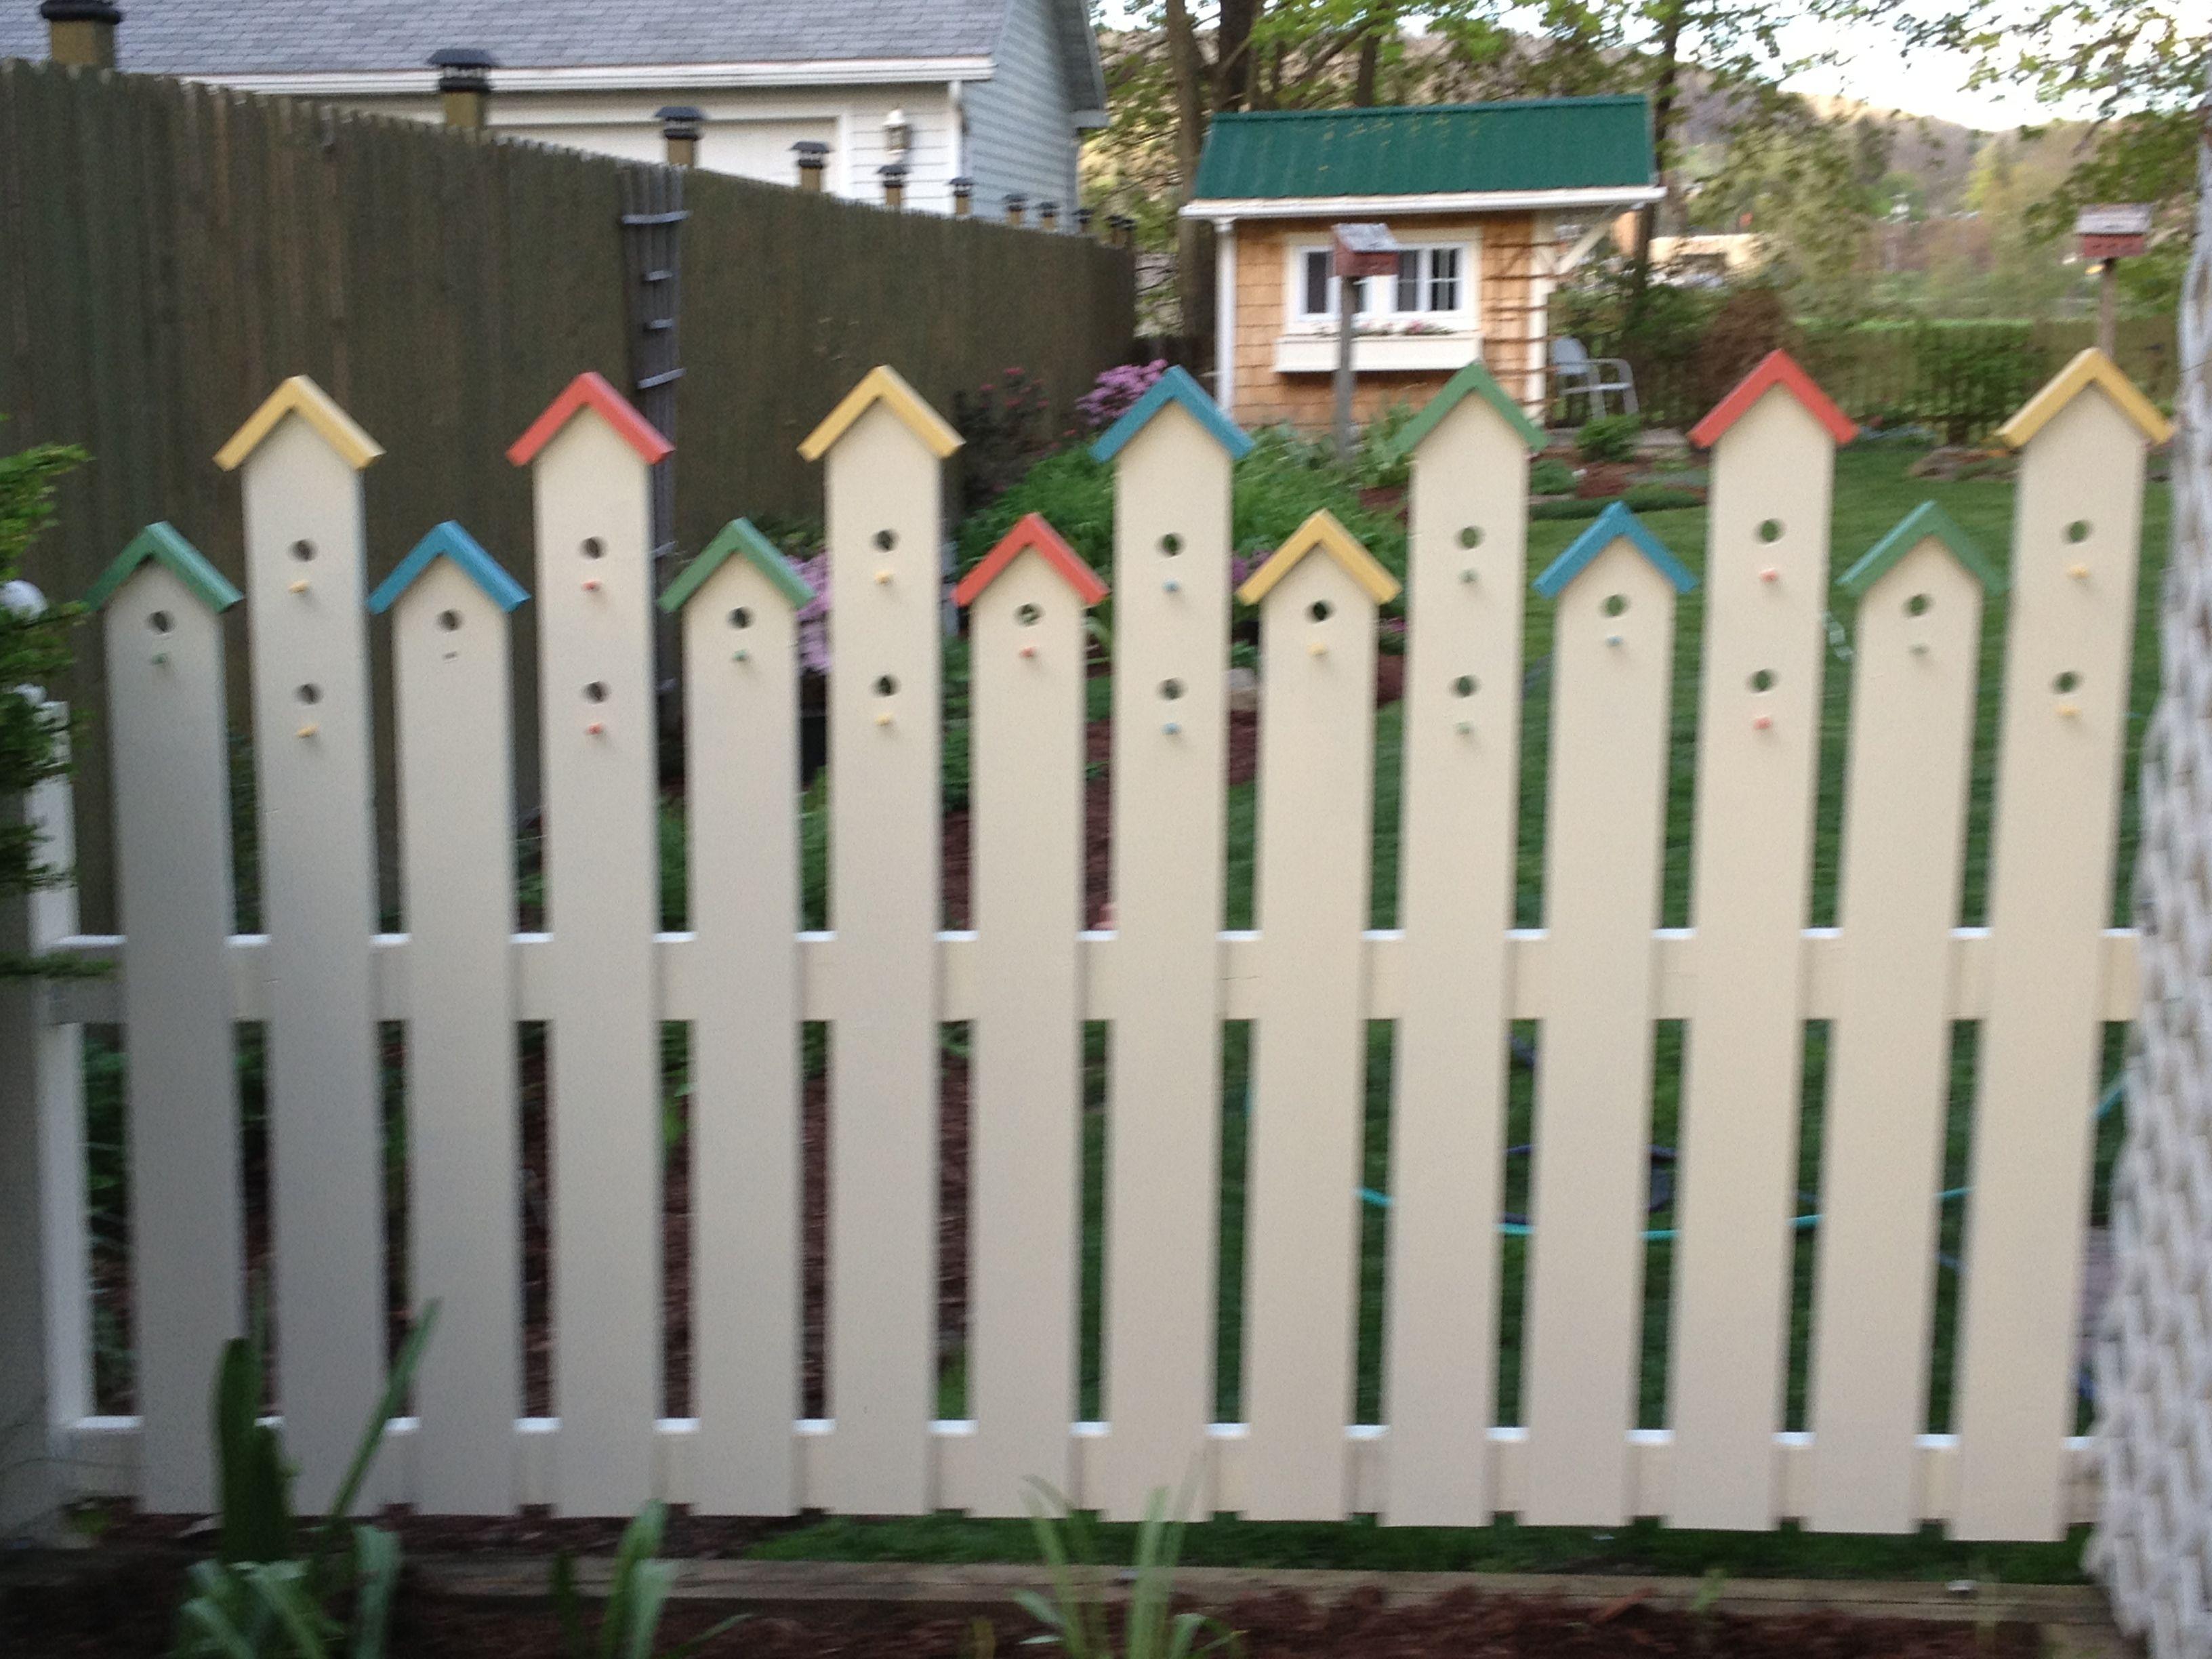 Vogelhaus Zaun origineller Zaun Gartenzäune gibt es in unendlich